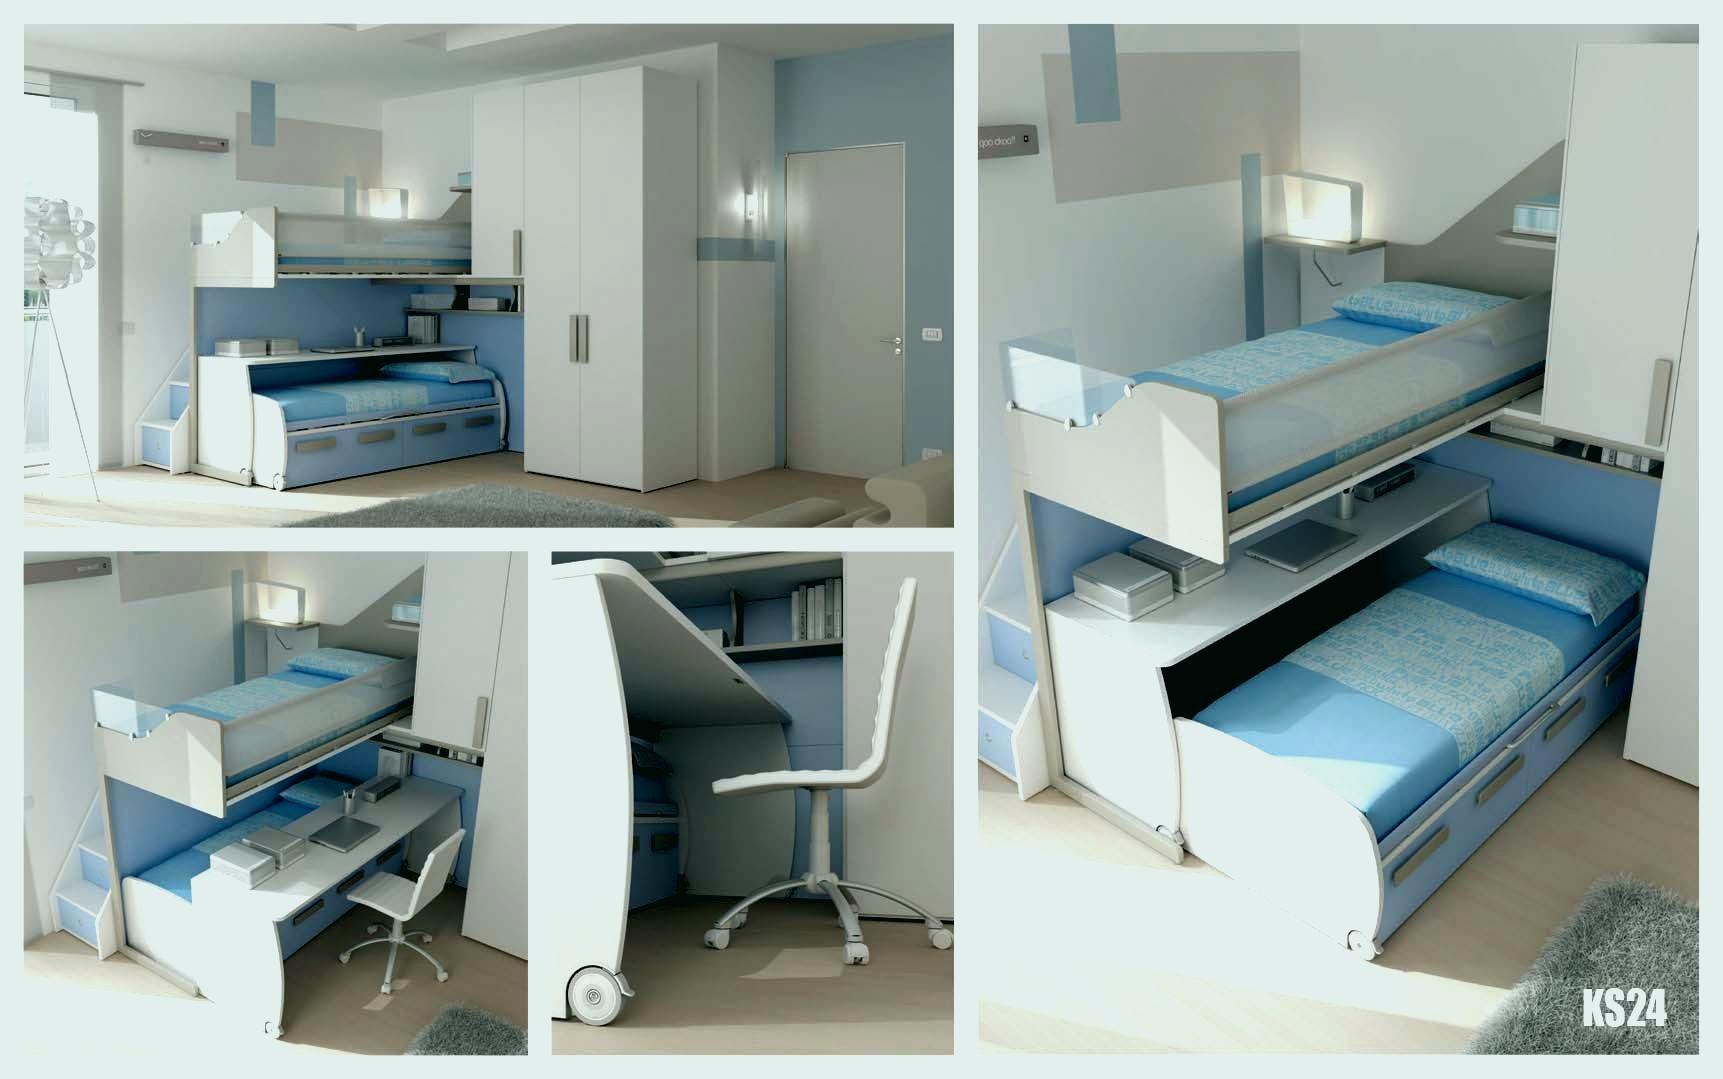 lit superpos le bon coin g nial meilleur lit cabane avec. Black Bedroom Furniture Sets. Home Design Ideas